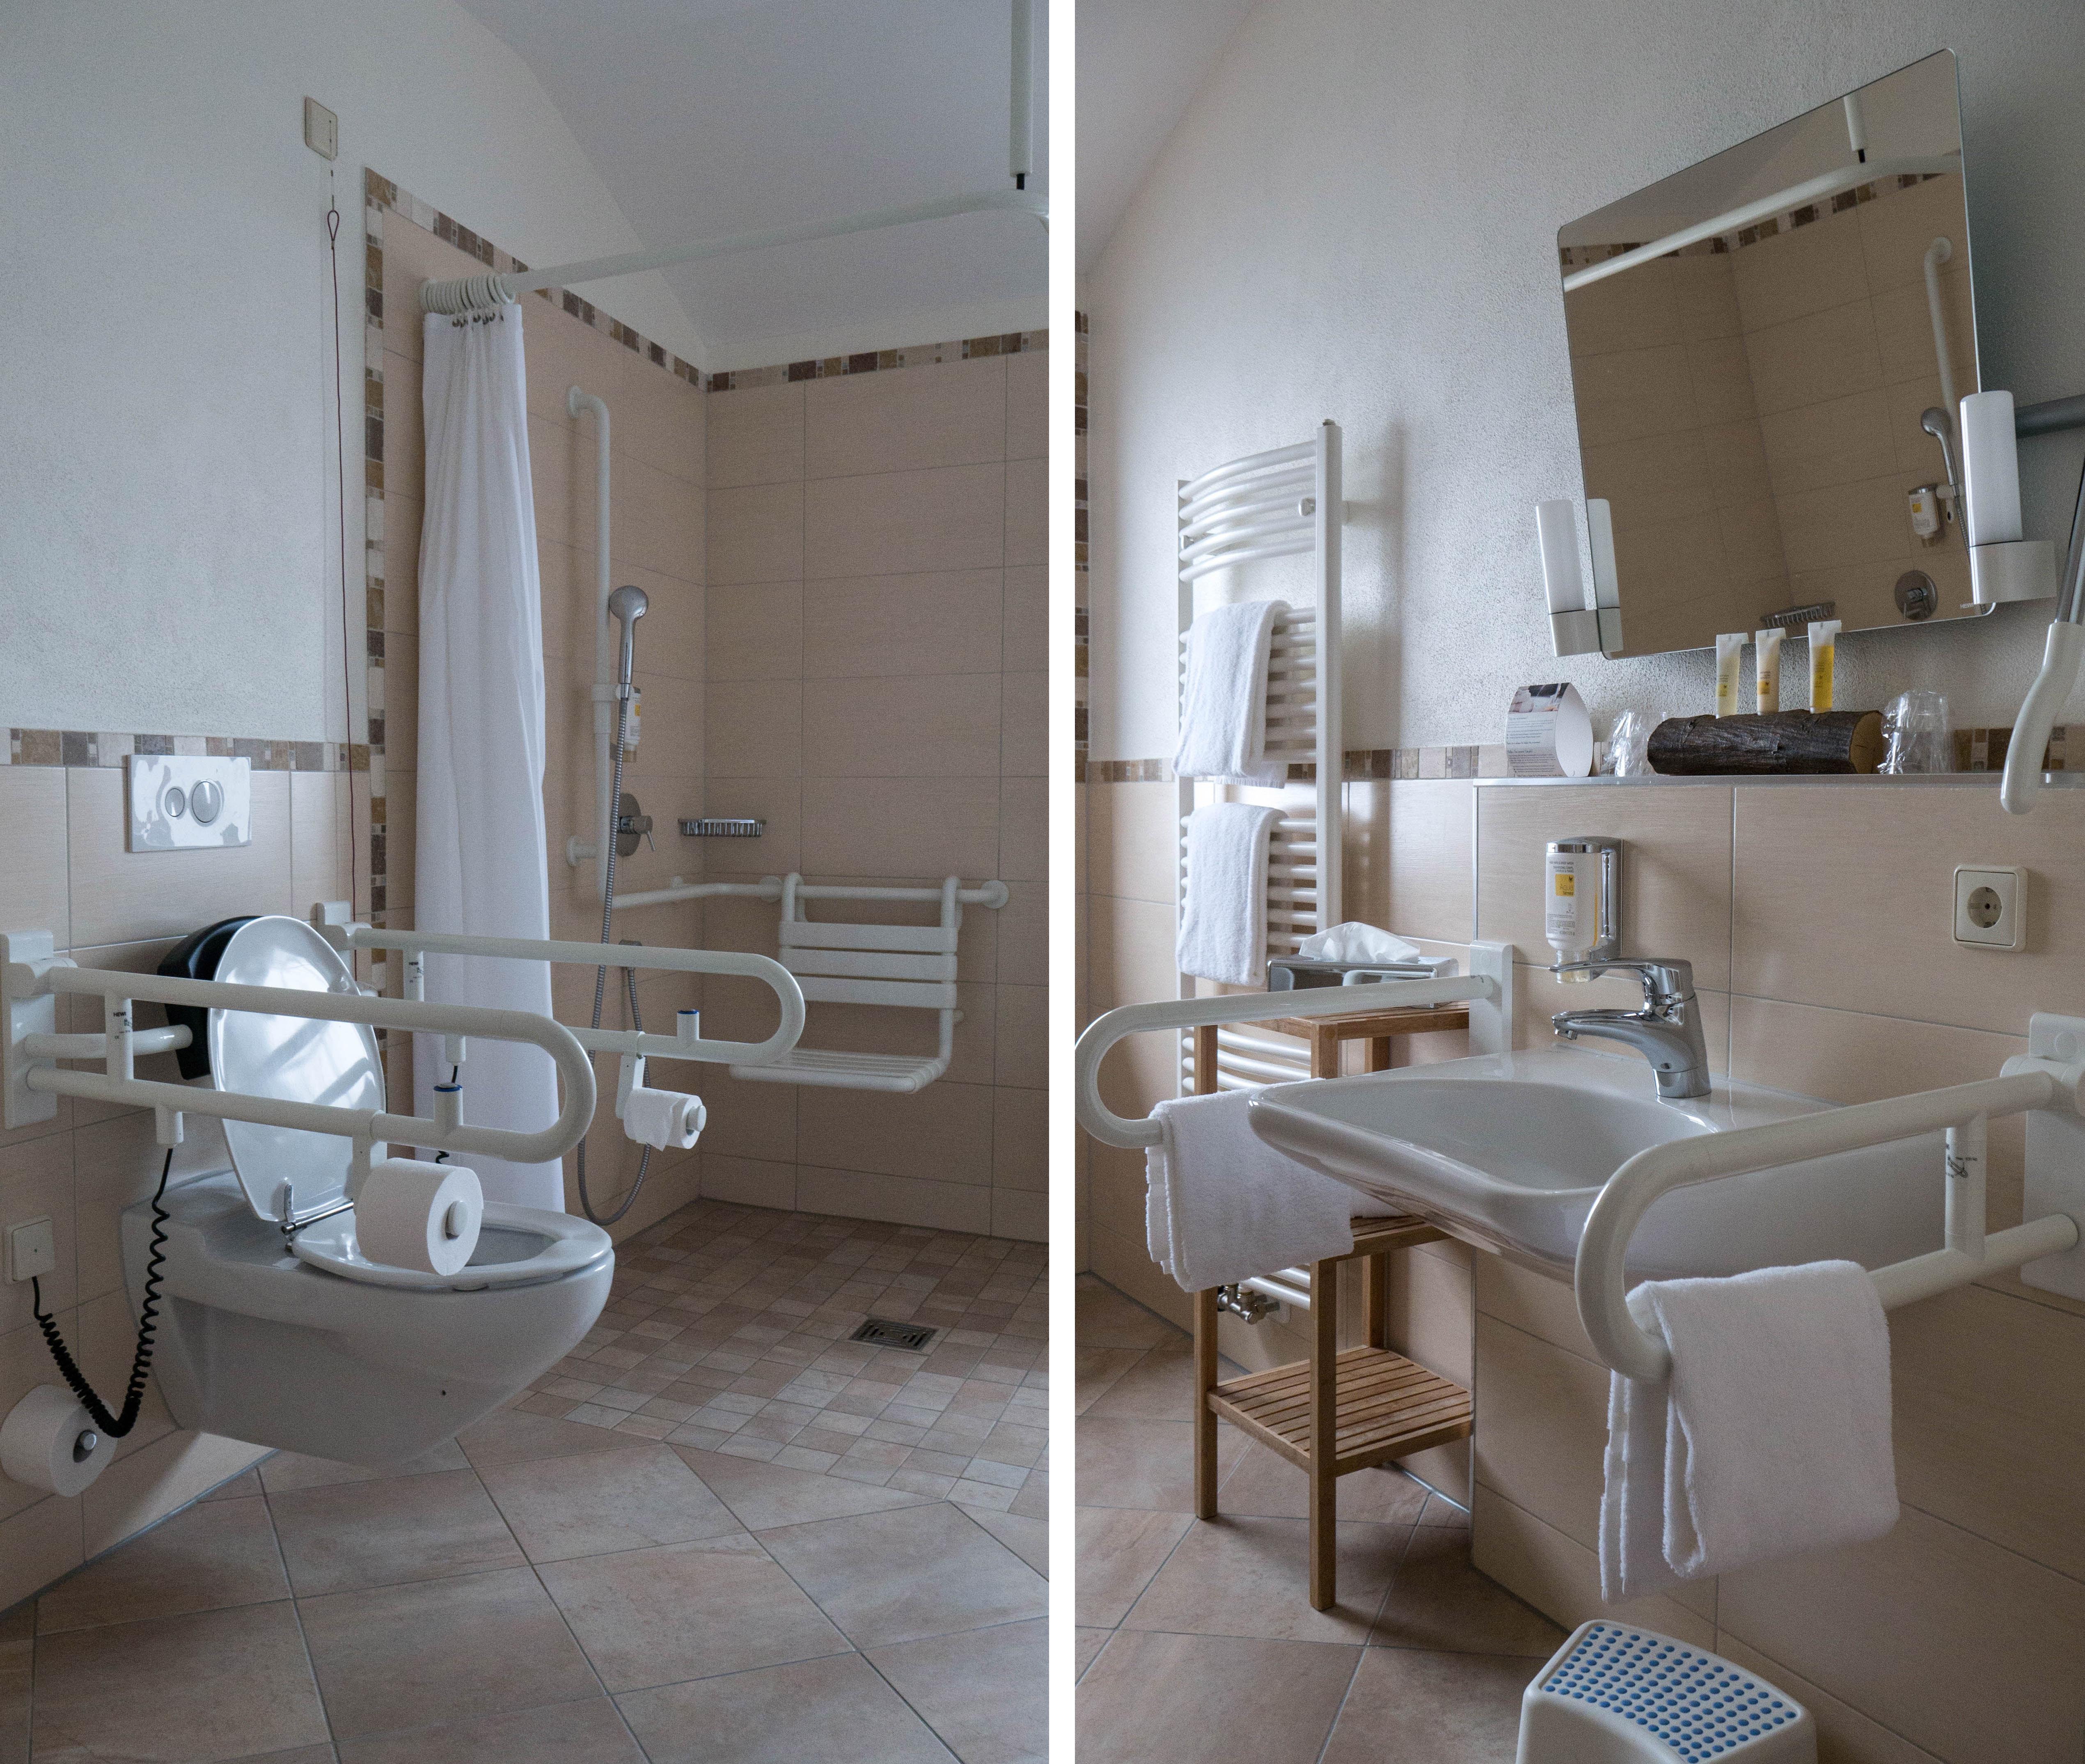 Voici la salle de bain adaptée de l'hôtel Mummelsee.